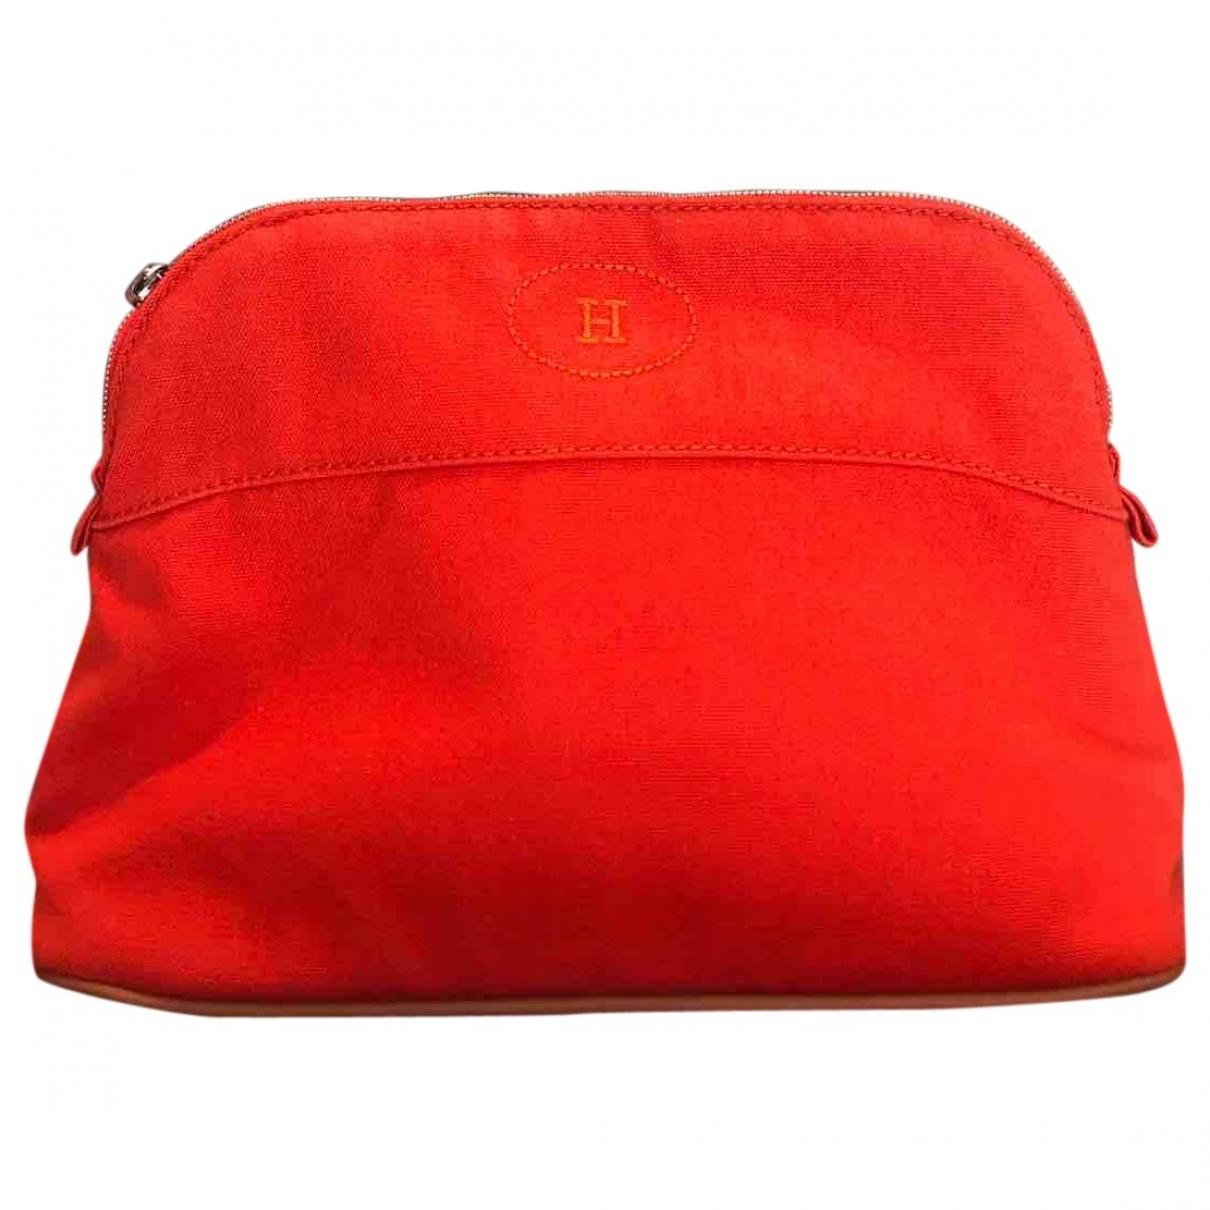 Hermes - Sac de voyage Bolide pour femme en toile - orange